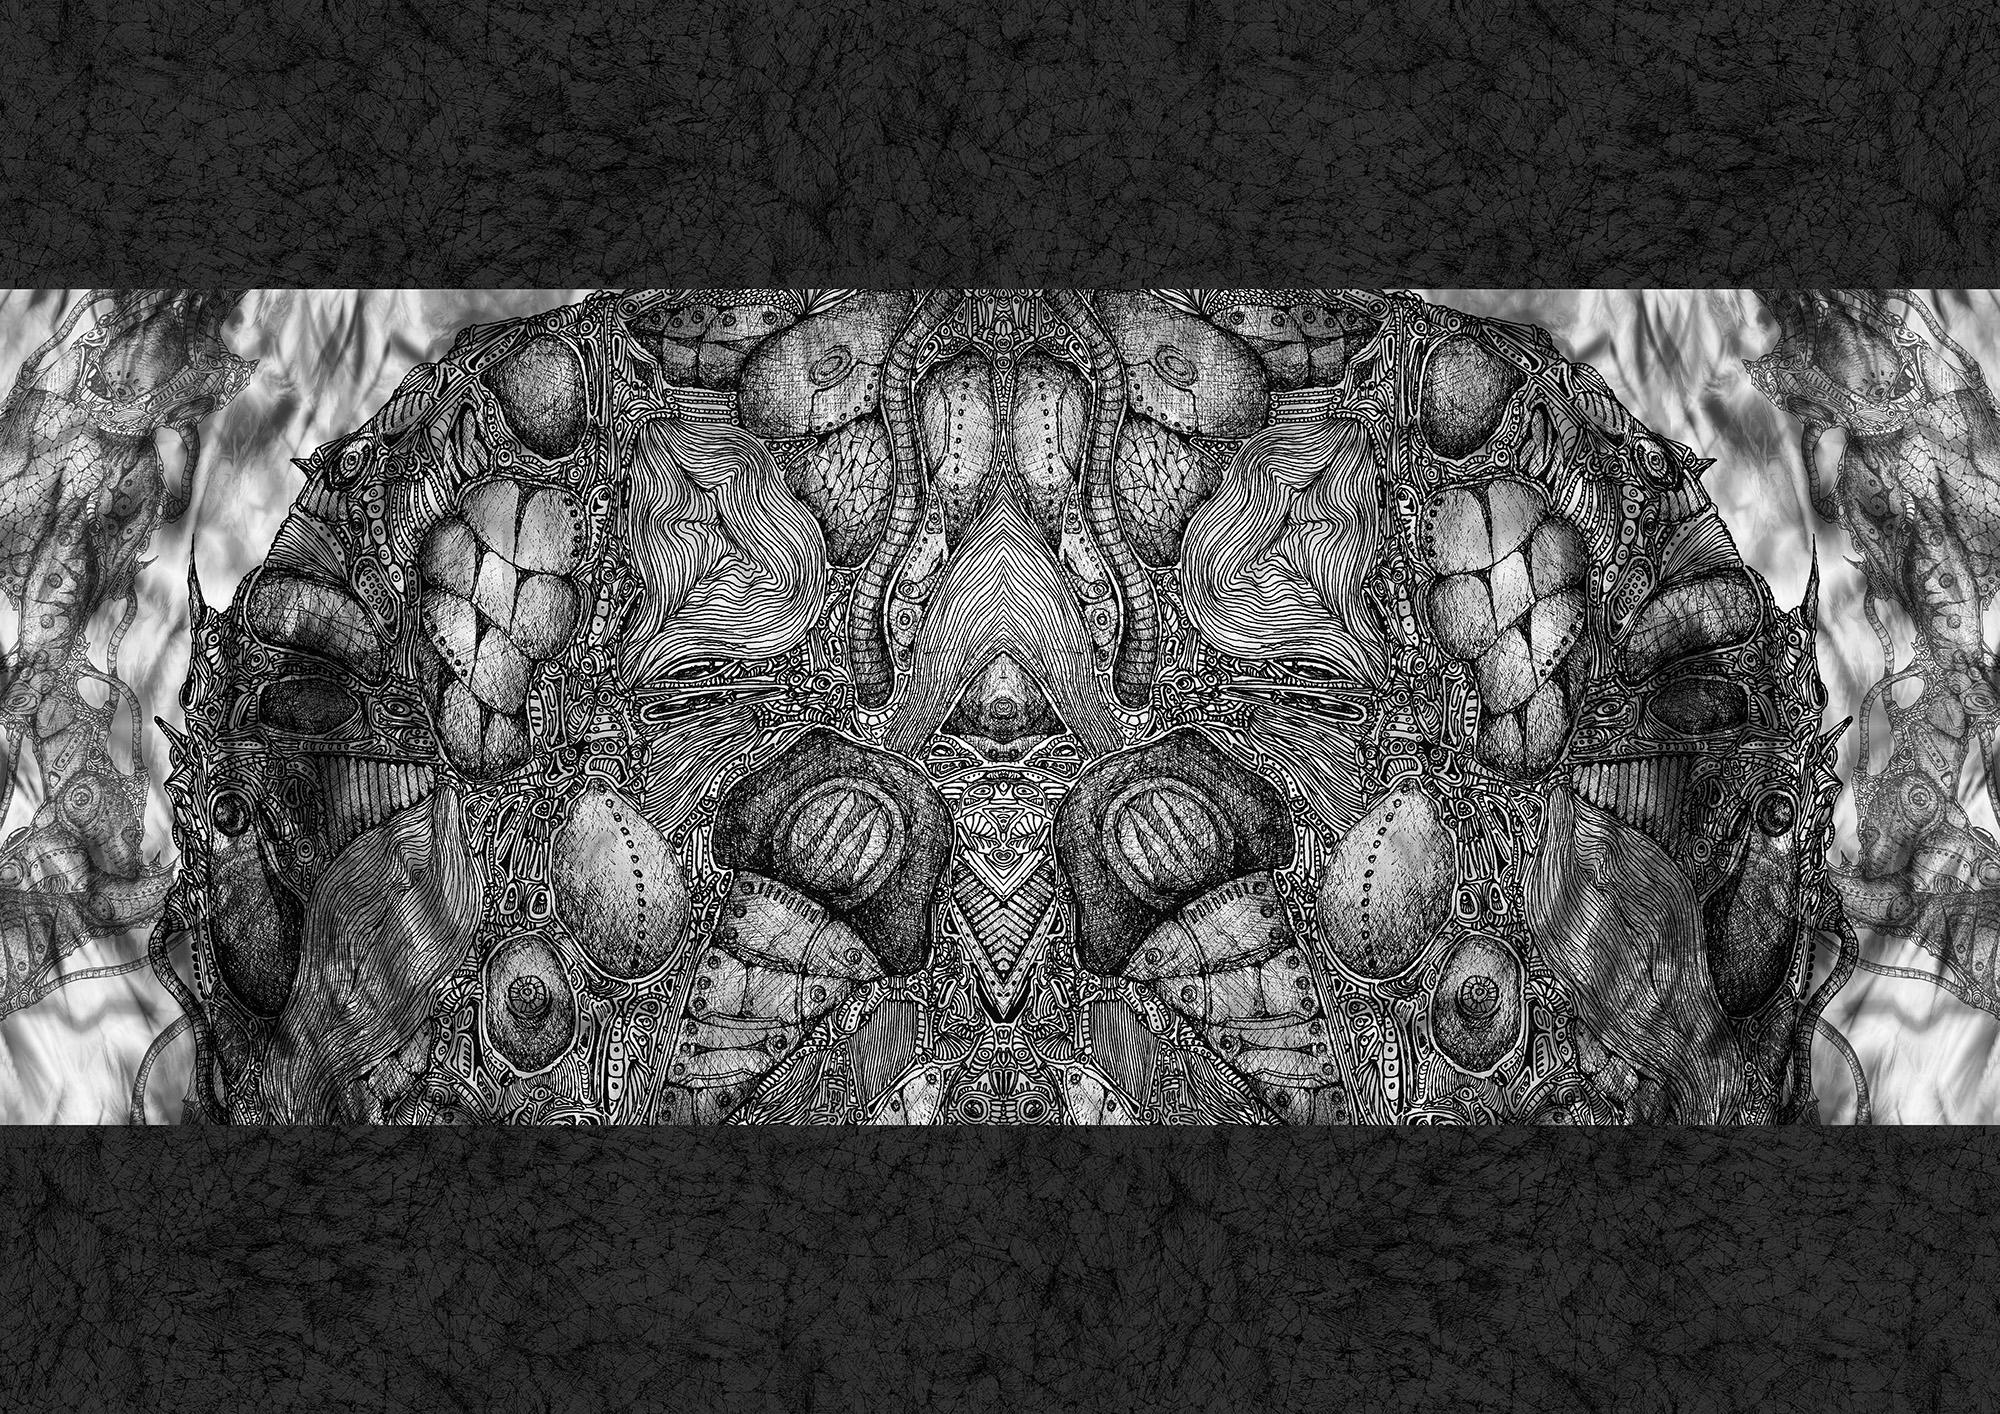 纏結-17 Entanglement-17